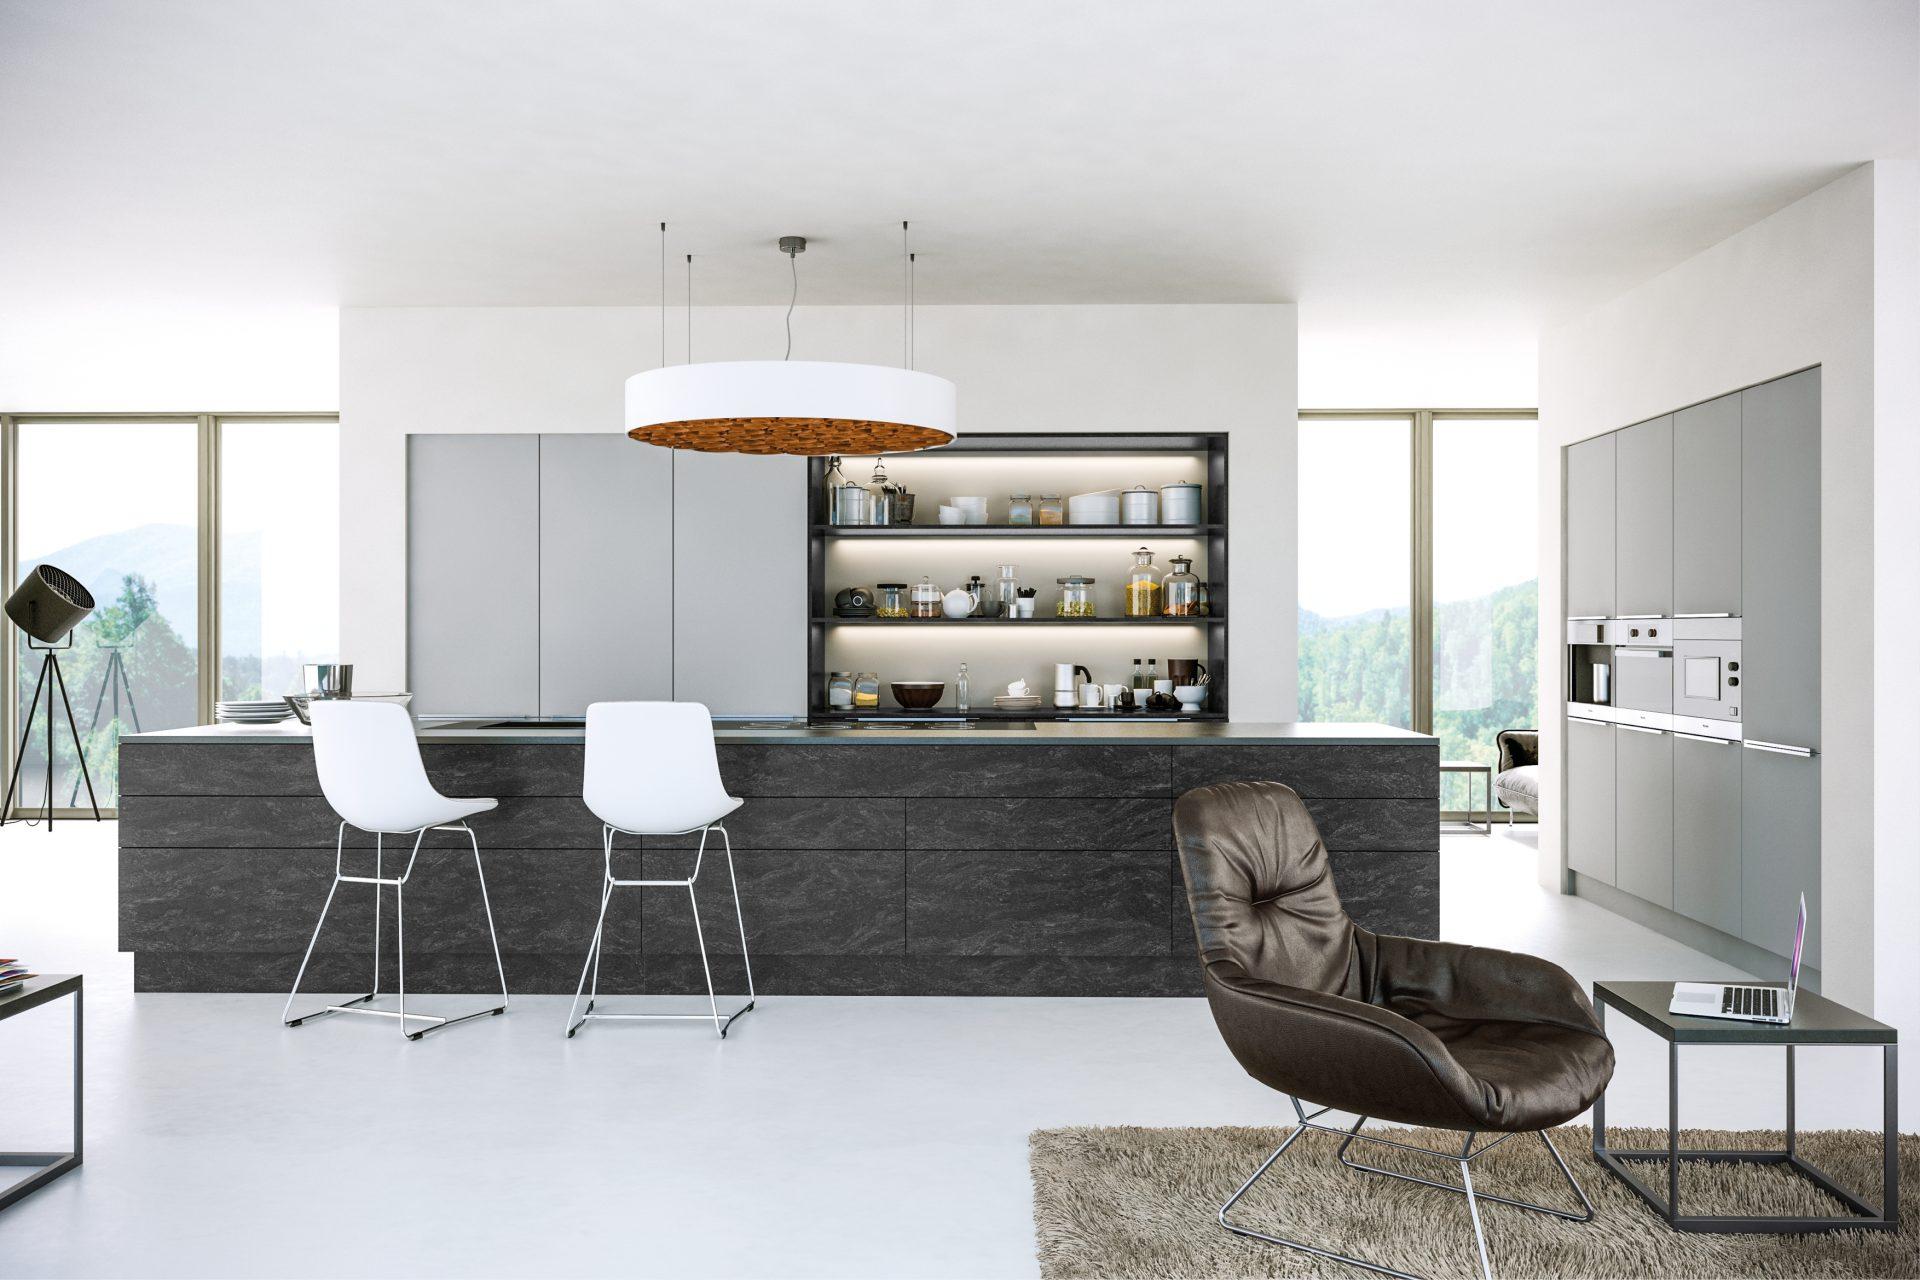 Supermatt Light Grey Evora Stone Graphite Kitchen